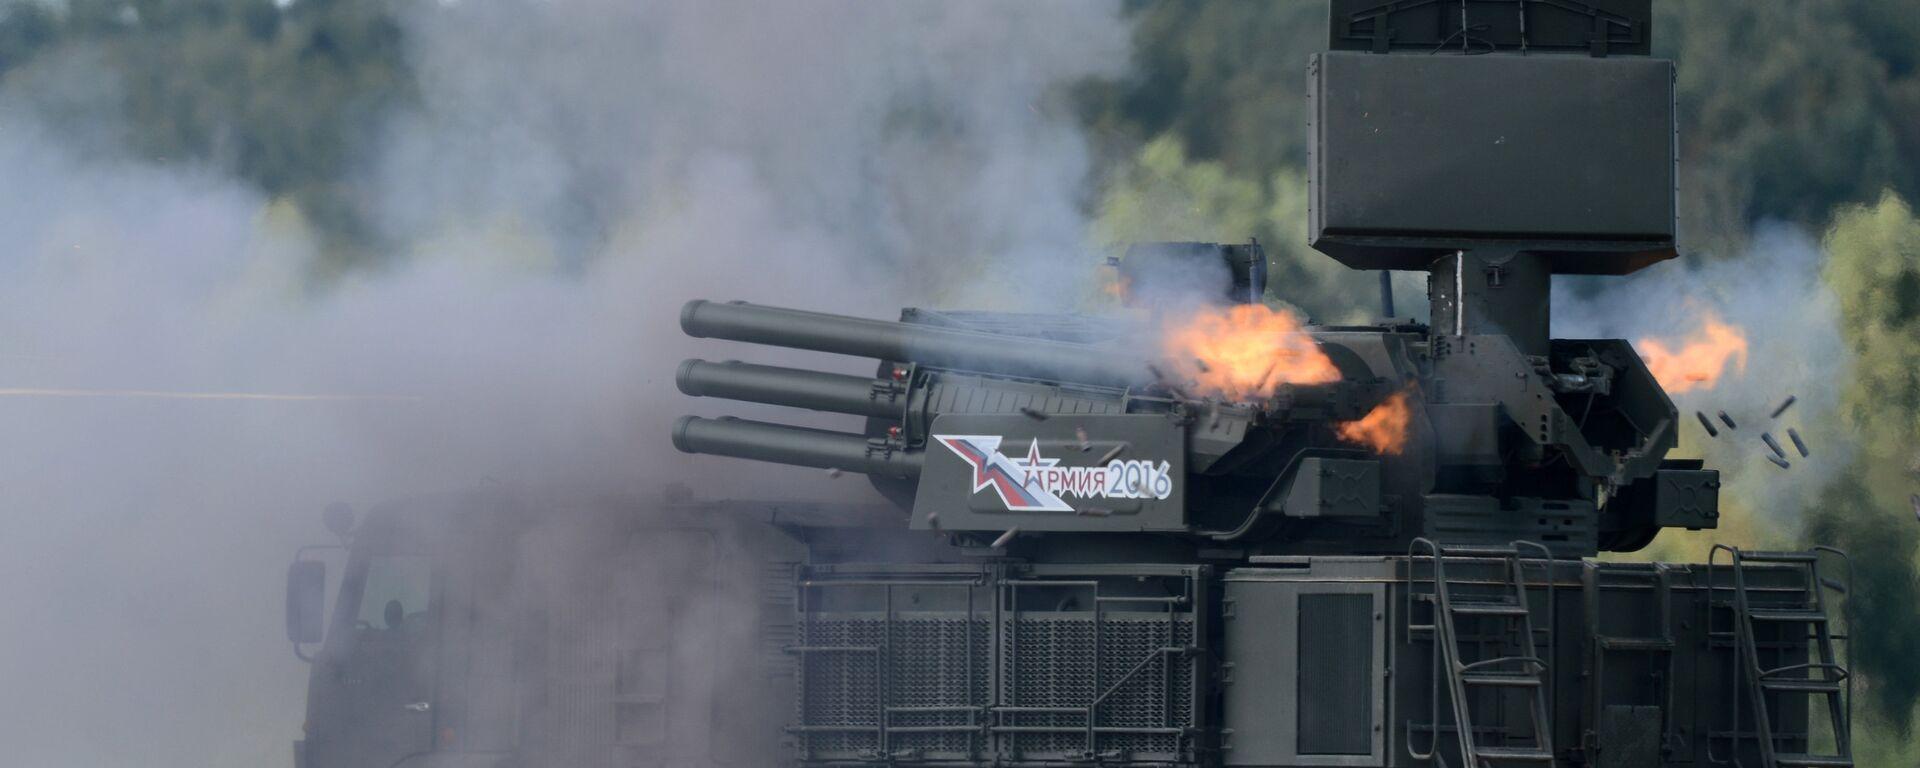 Зенитный ракетно-пушечный комплекс 96К6 Панцирь-С1 - Sputnik Таджикистан, 1920, 01.10.2020